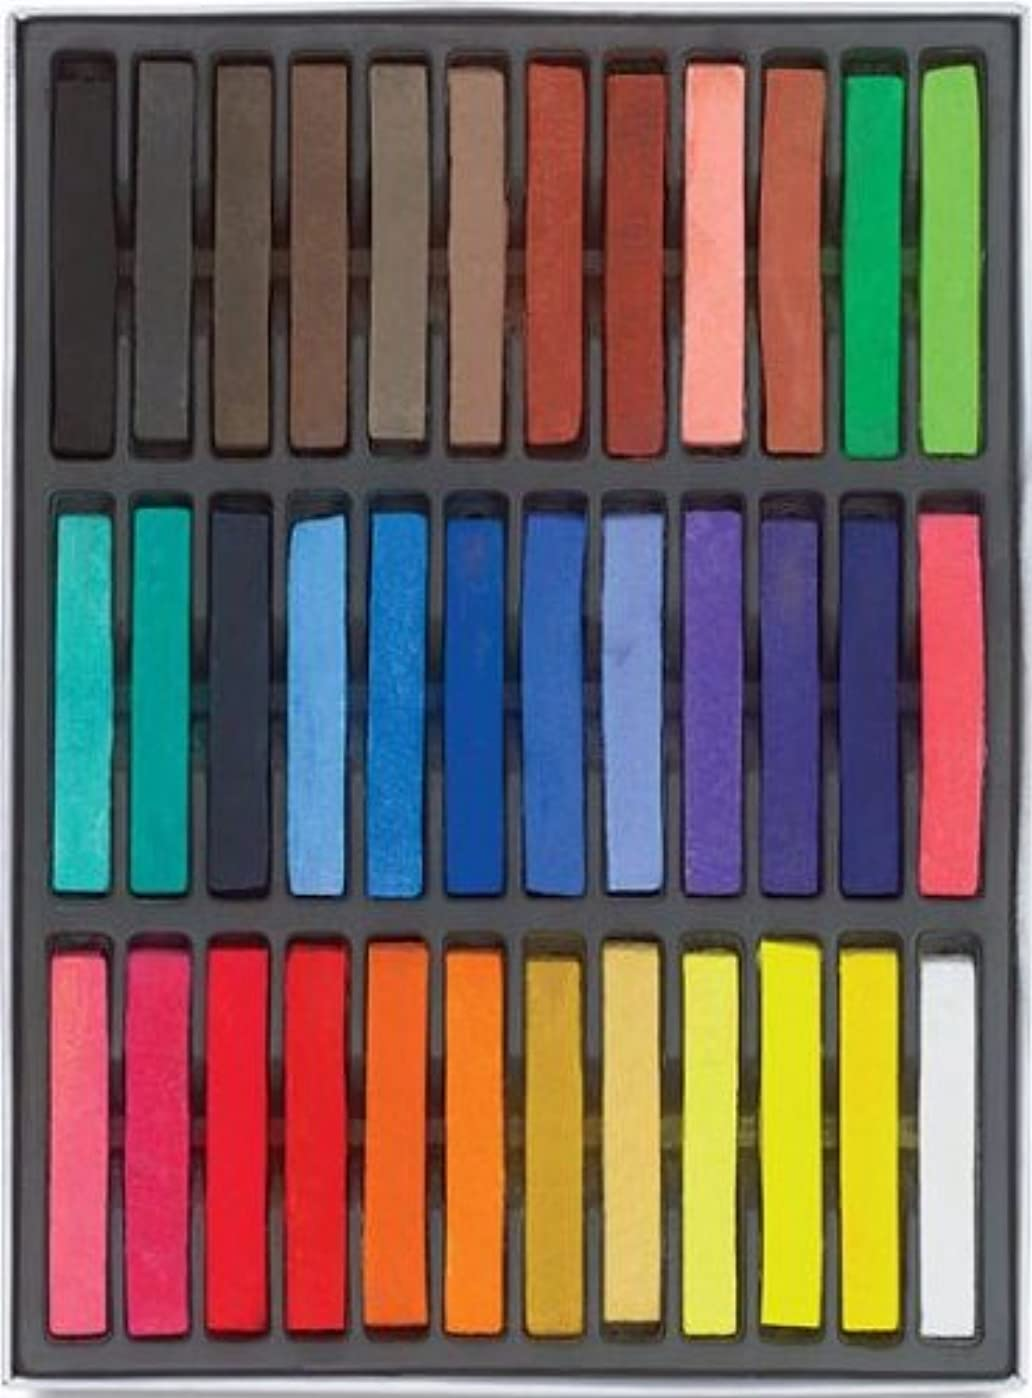 耐えられない風刺バリケードHAIRCHALKIN®36色の一時的なヘアチョークセット - 非毒性の虹色の染料パステルキット